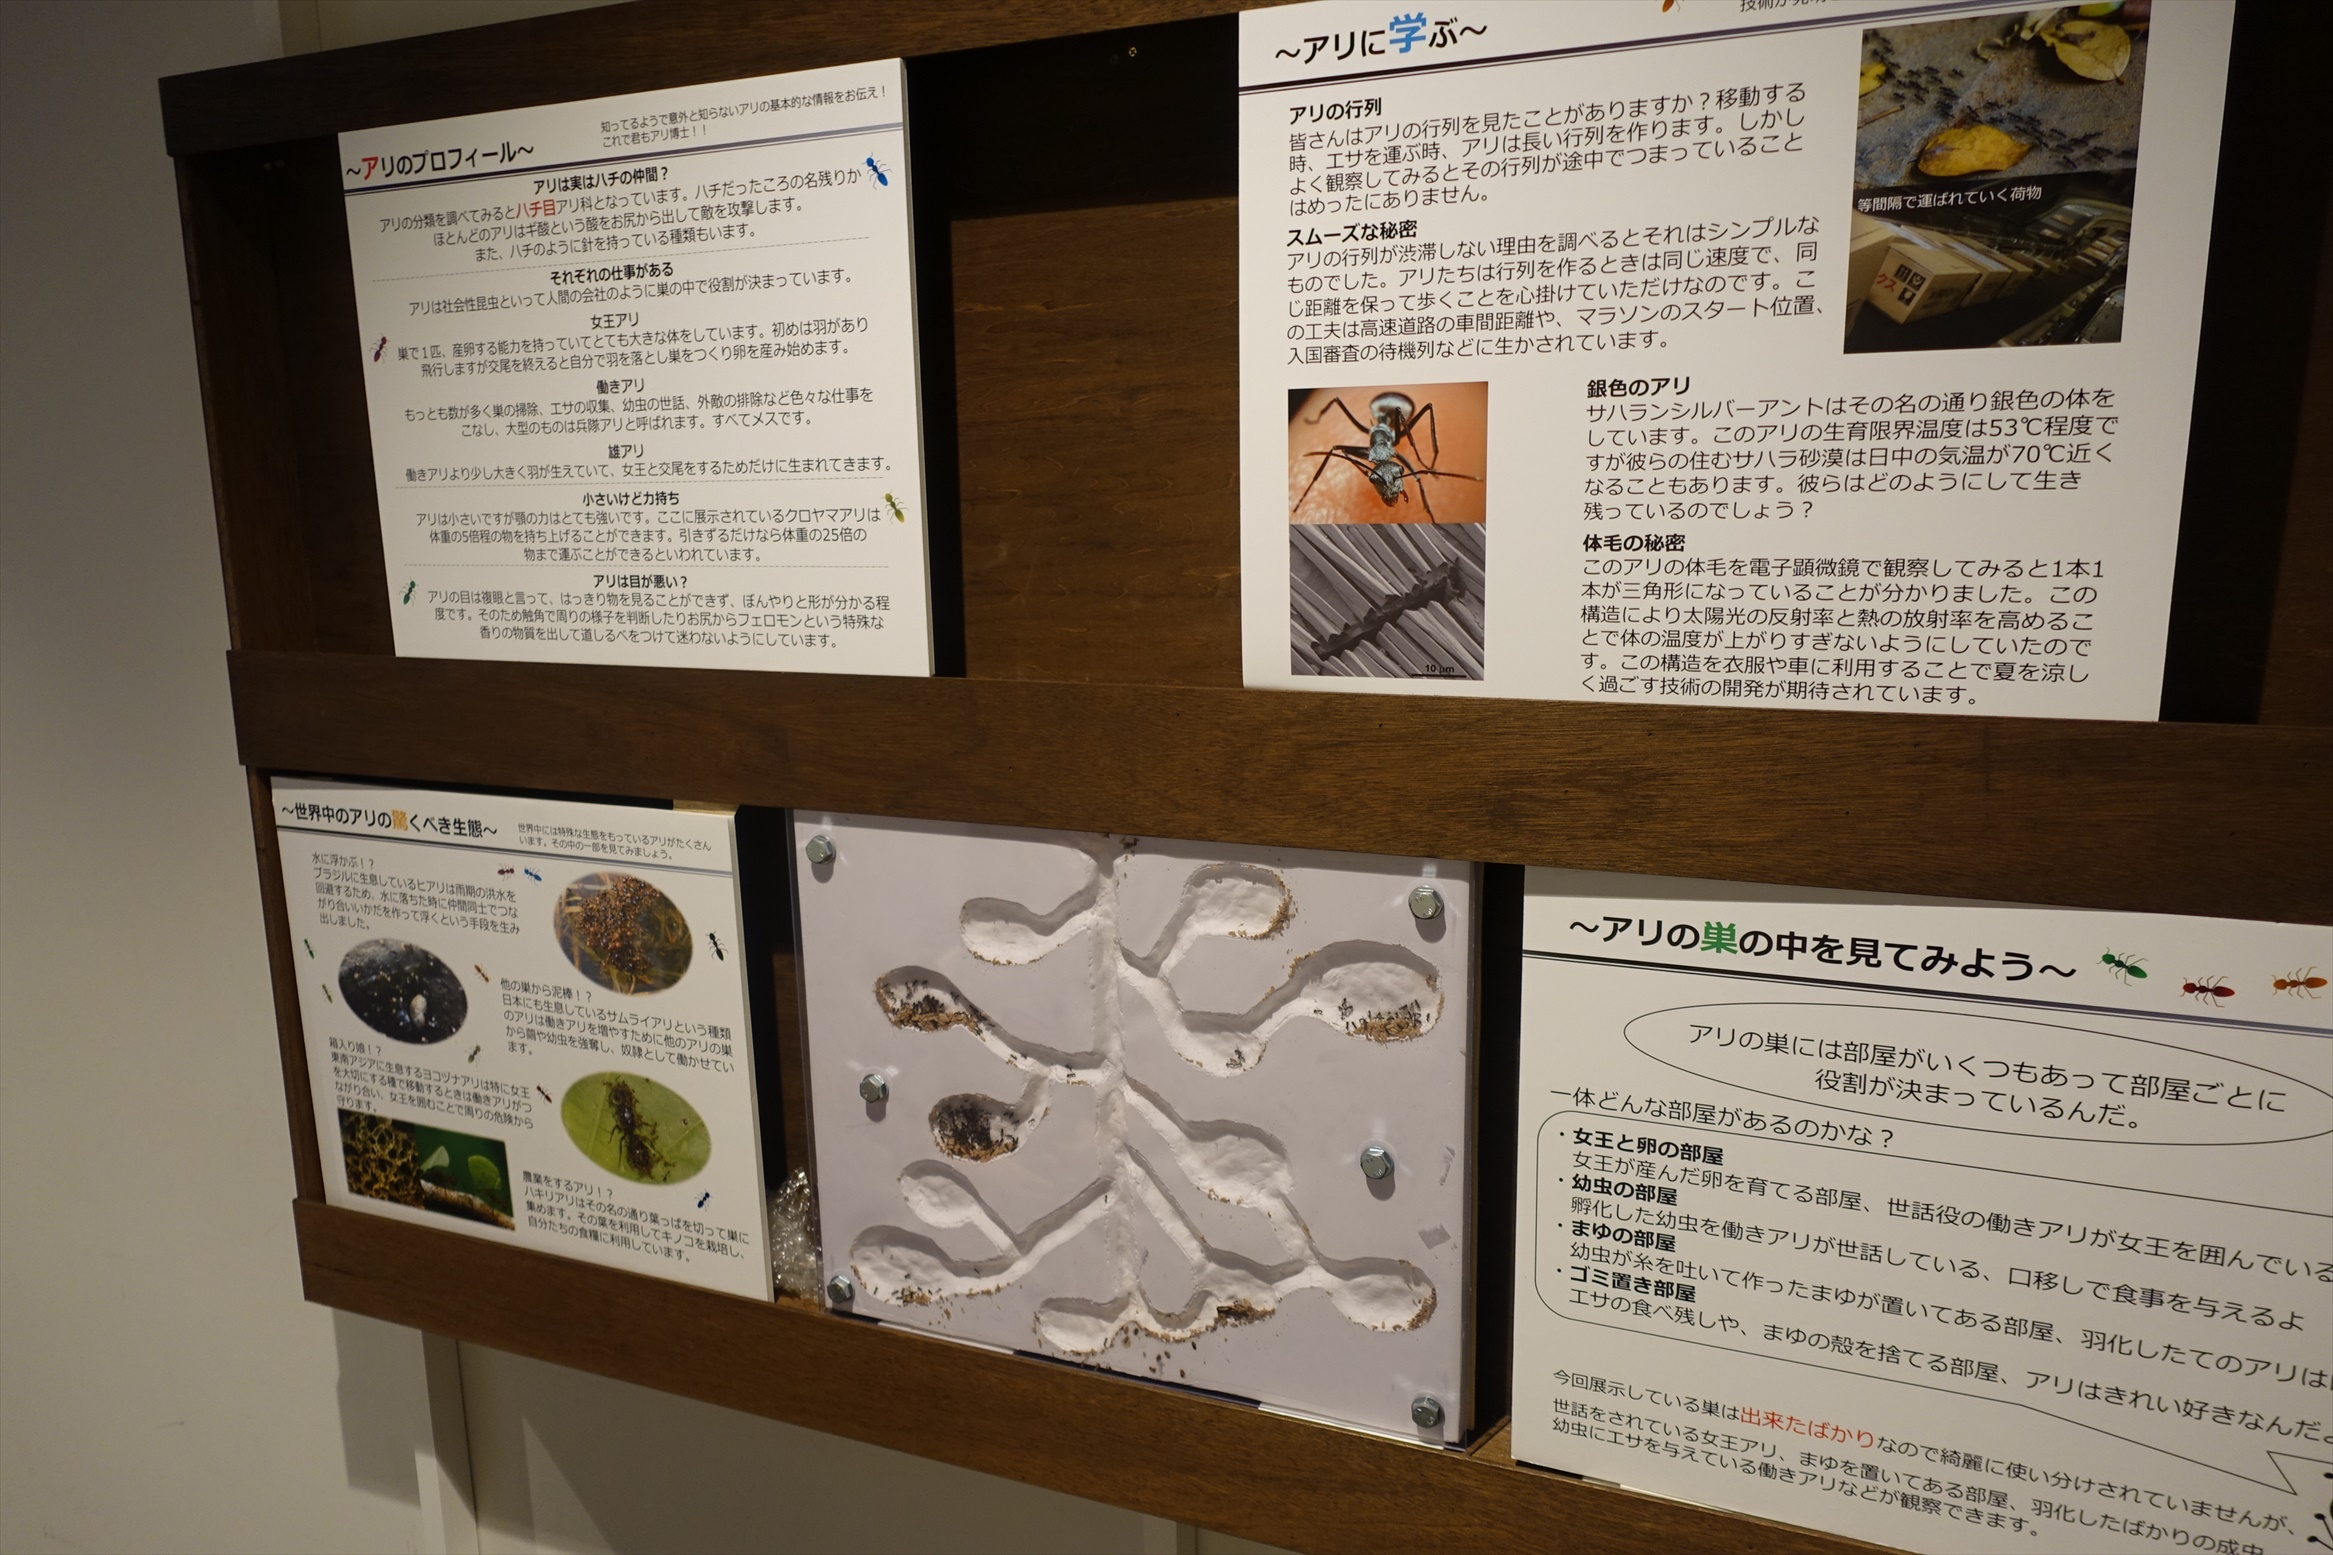 大昆虫展inスカイツリータウンソラマチ012